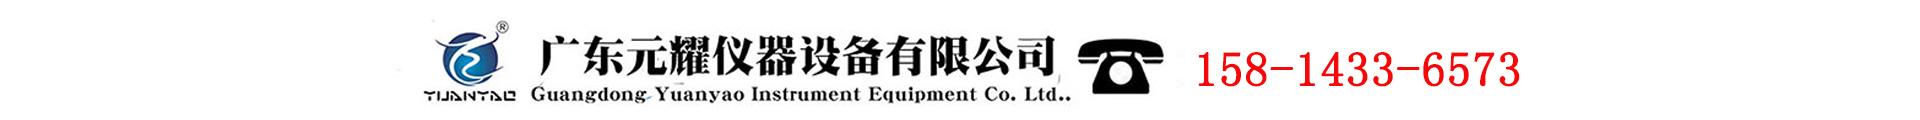 广东元耀仪器设备有限公司